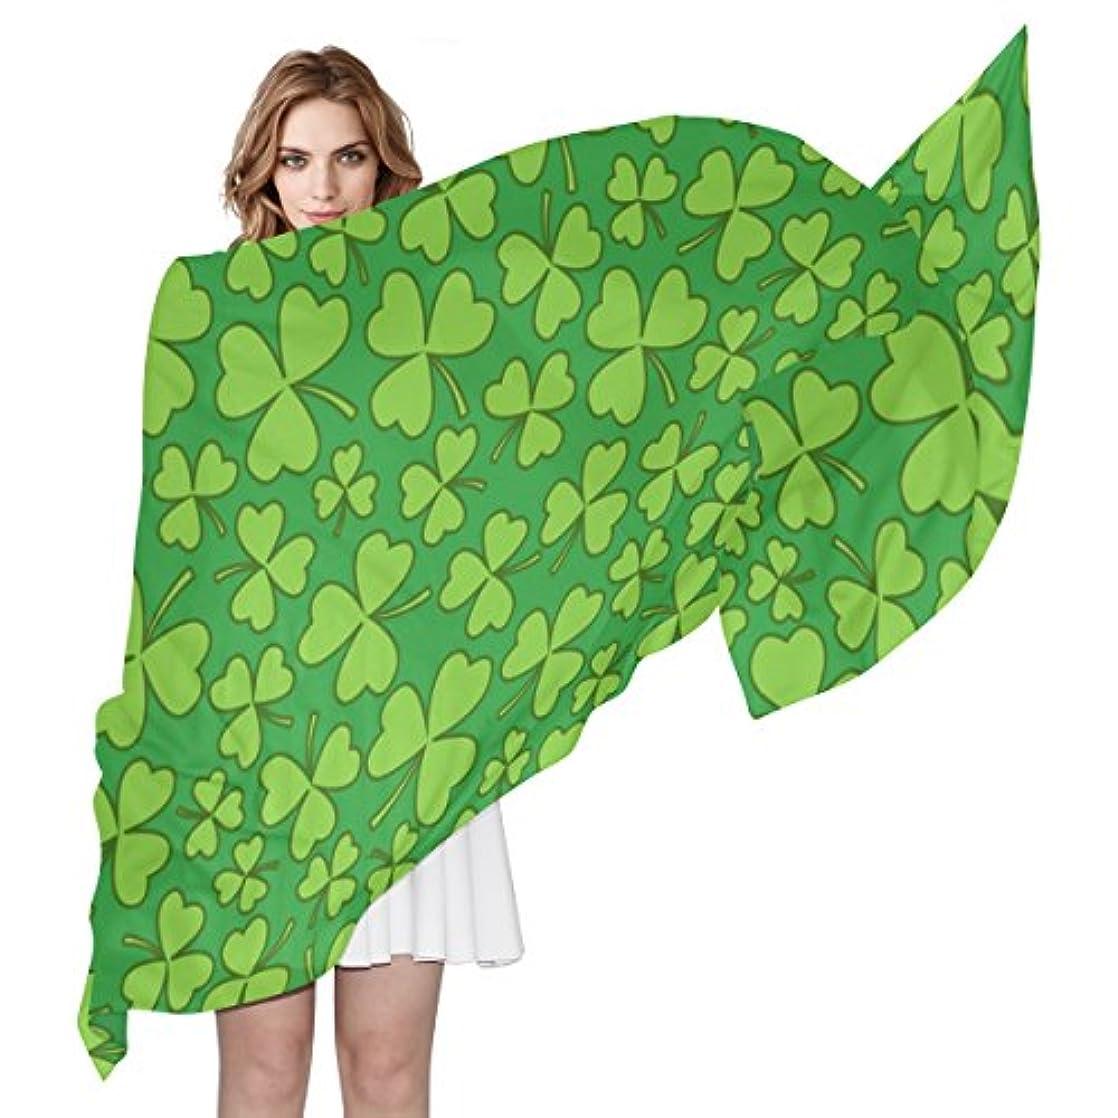 不合格従者神GORIRA(ゴリラ) 三つ葉柄 クローバー草 緑 ロング 人気 おしゃれ 個性 スカーフ ストール バンダナ 肌触り抜群 薄手 プレゼント レディース やわらかい シフォン 絹のスカーフ 90x180cm